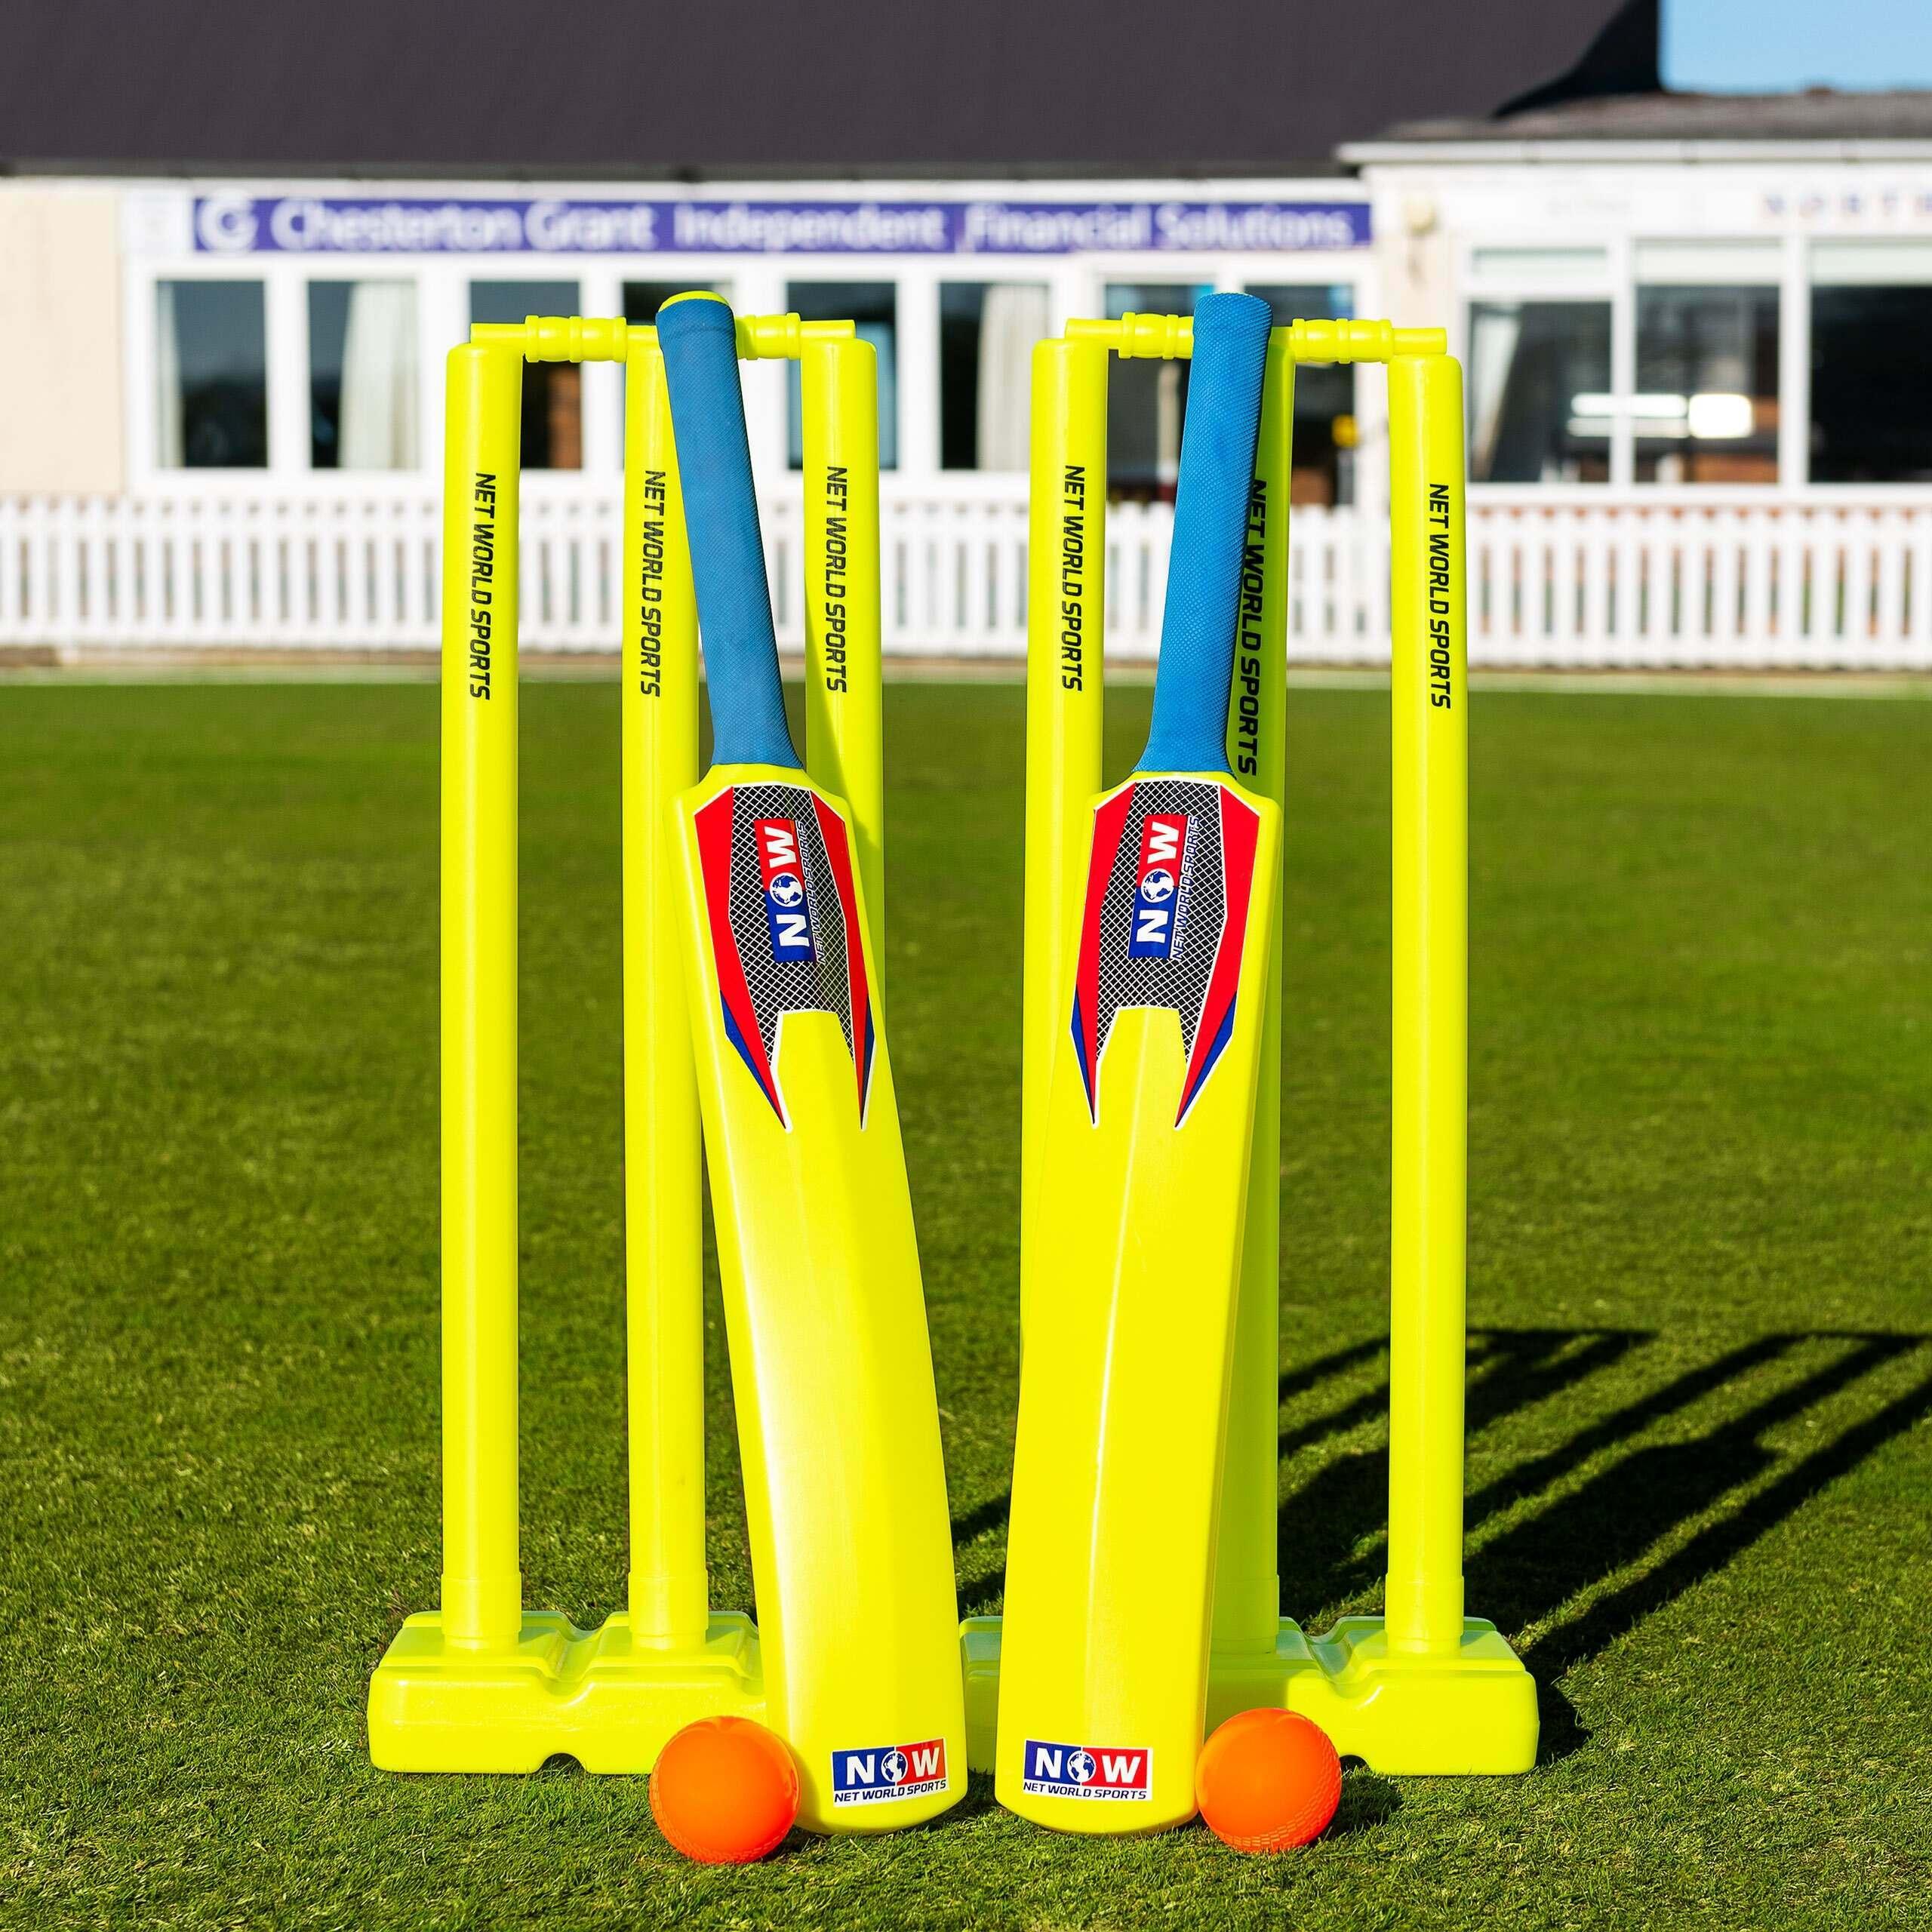 Garden Cricket Set